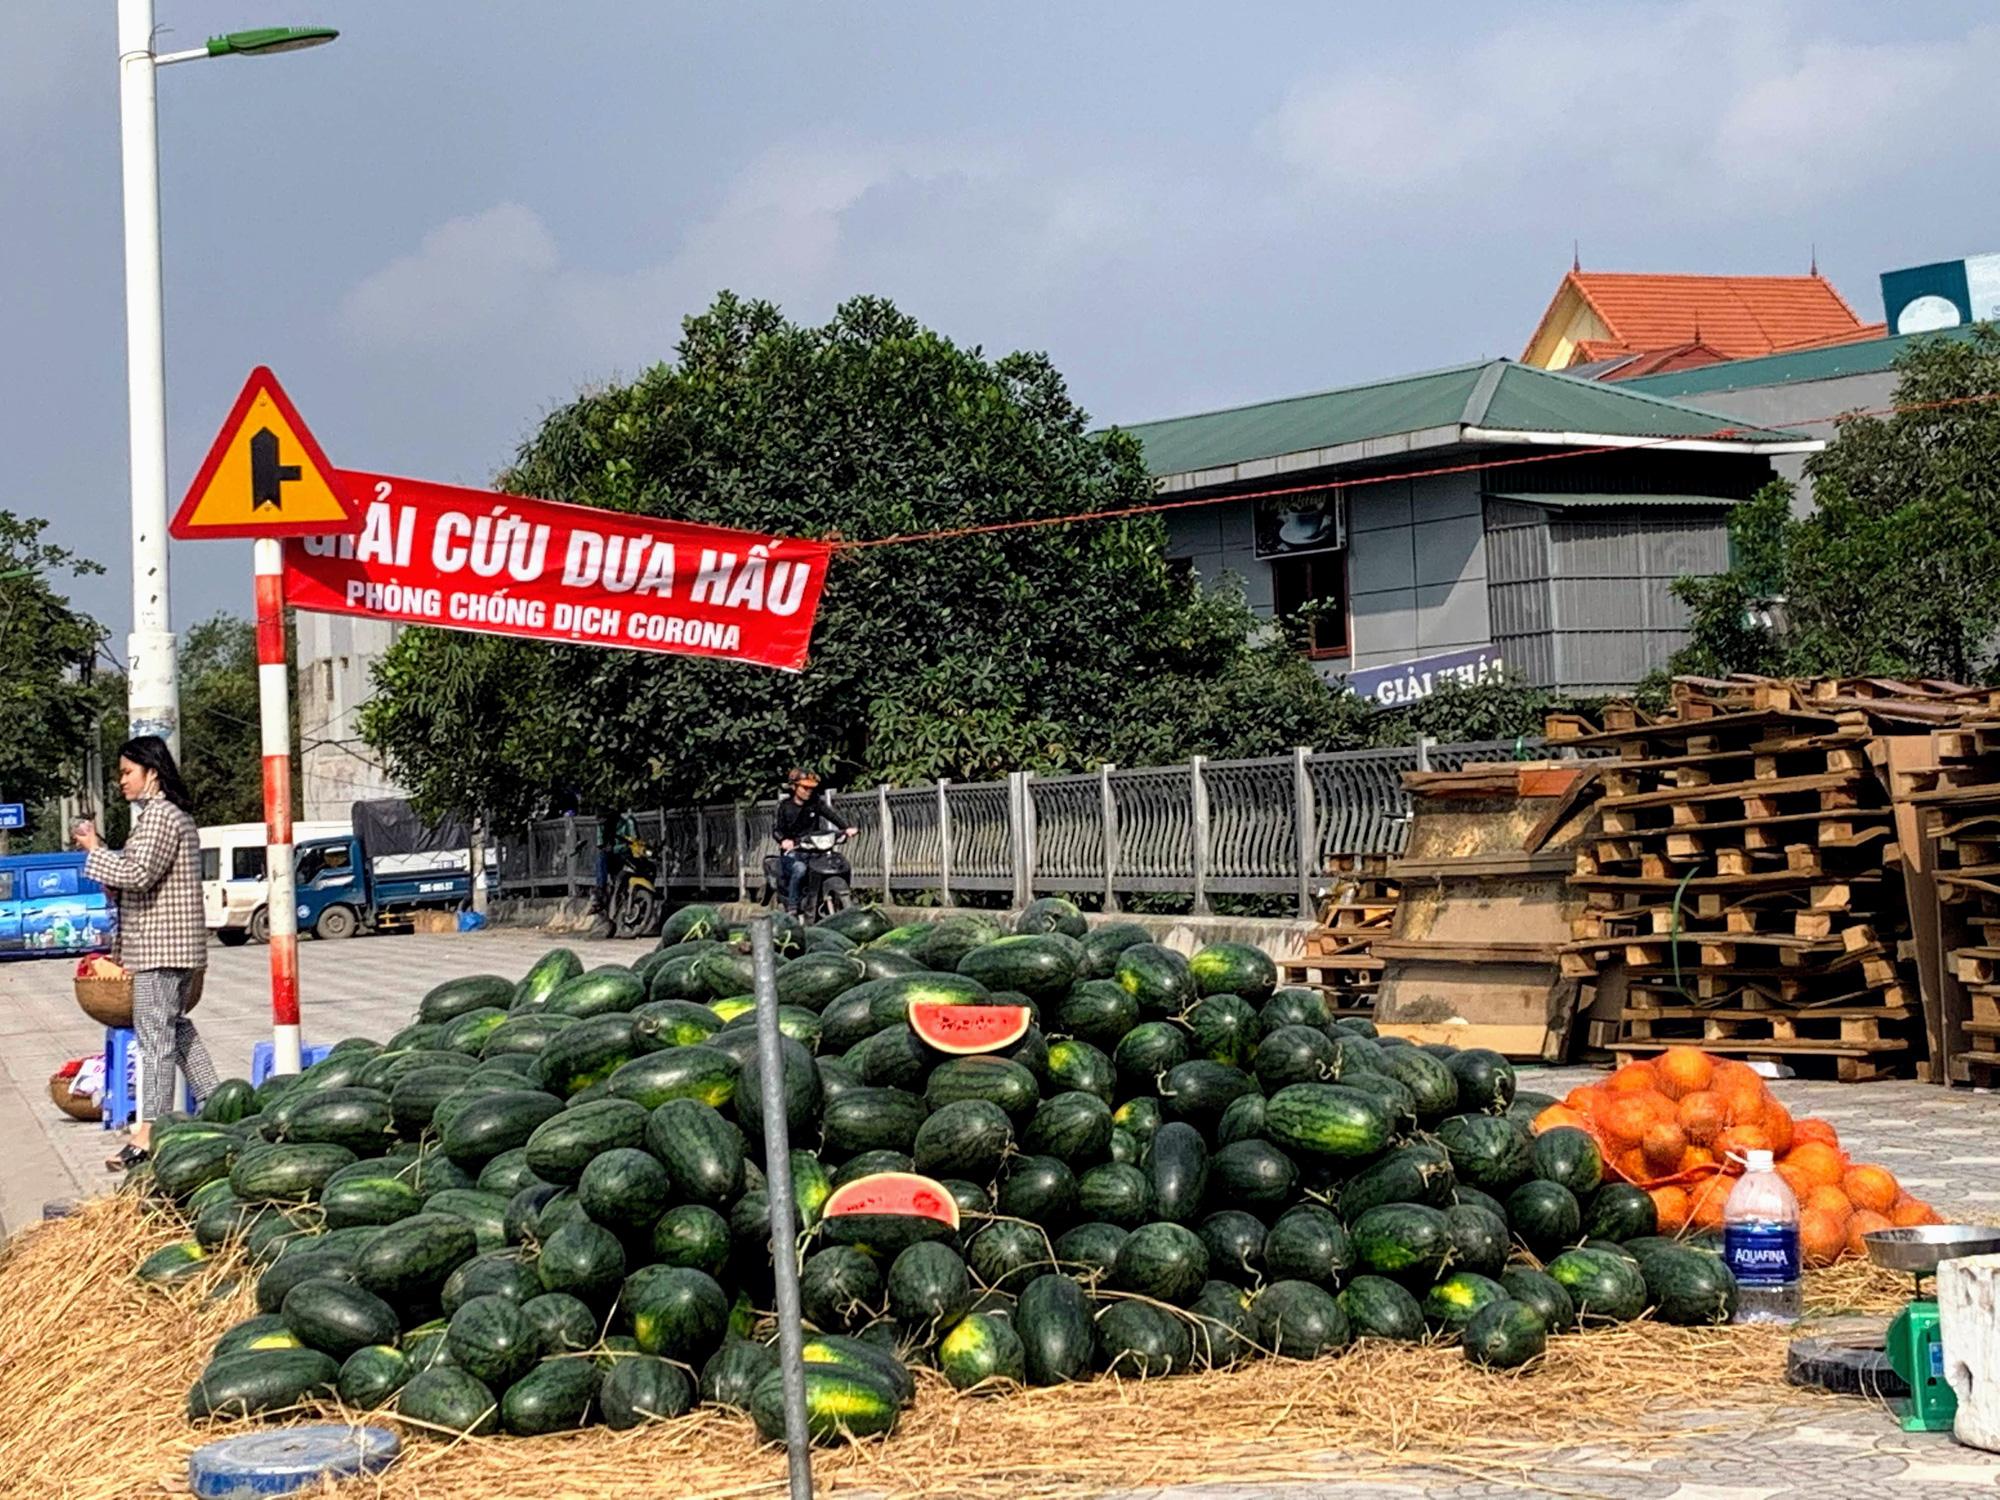 Hàng trăm tấn khoai lang nằm dài trên đường phố Hà Nội chờ 'giải cứu' - Ảnh 12.